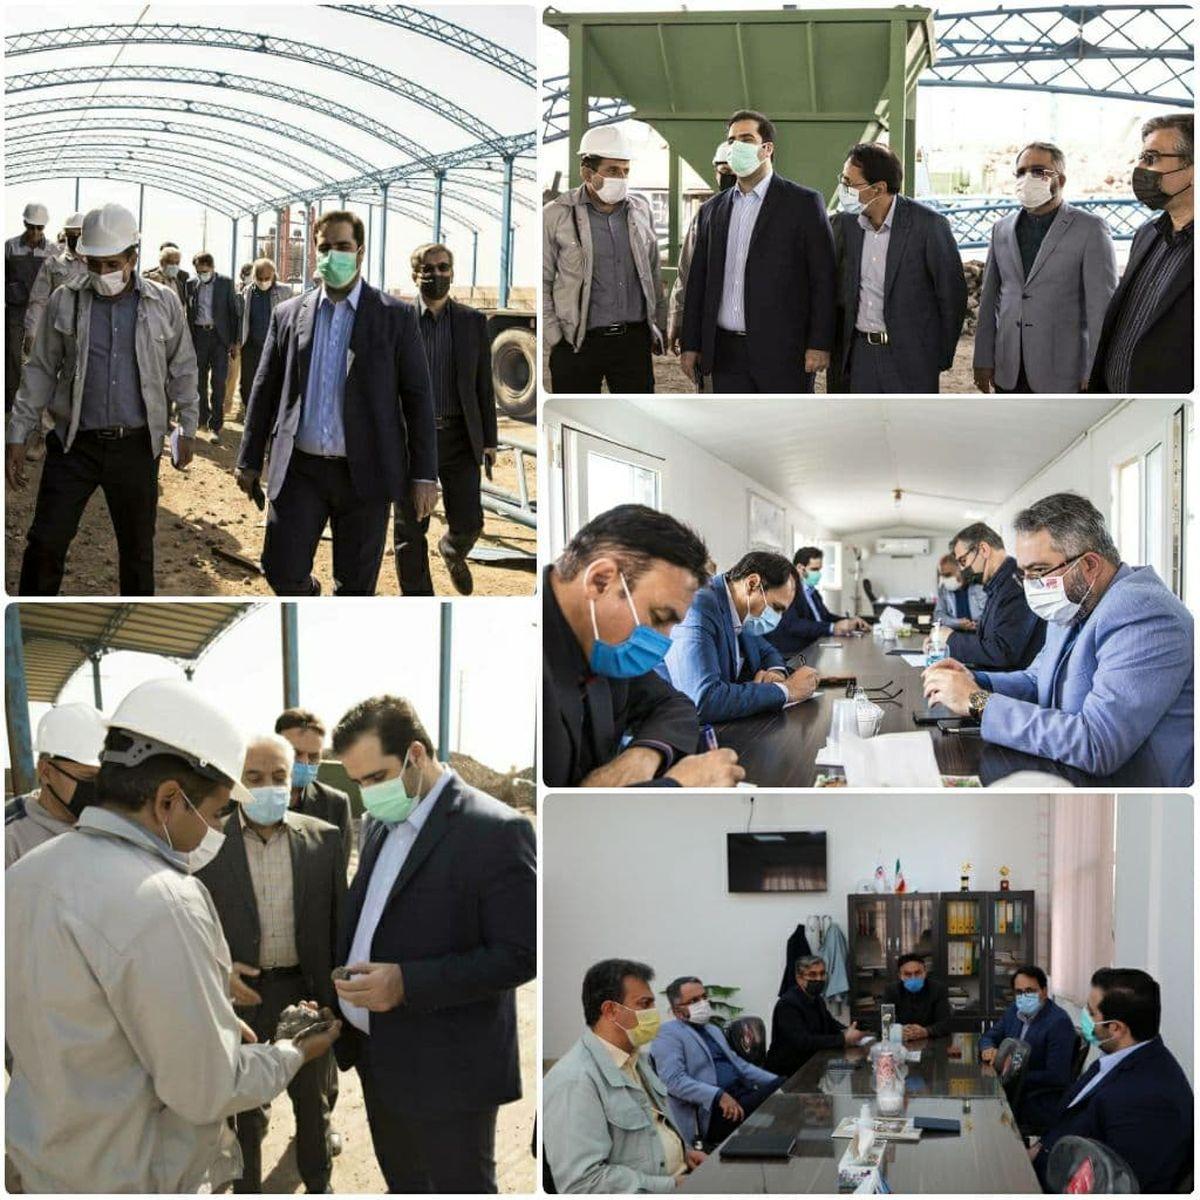 مدیرعامل فولاد خراسان از شرکت های همکار در شهرک صنعتی عطار نیشابور بازدید کرد